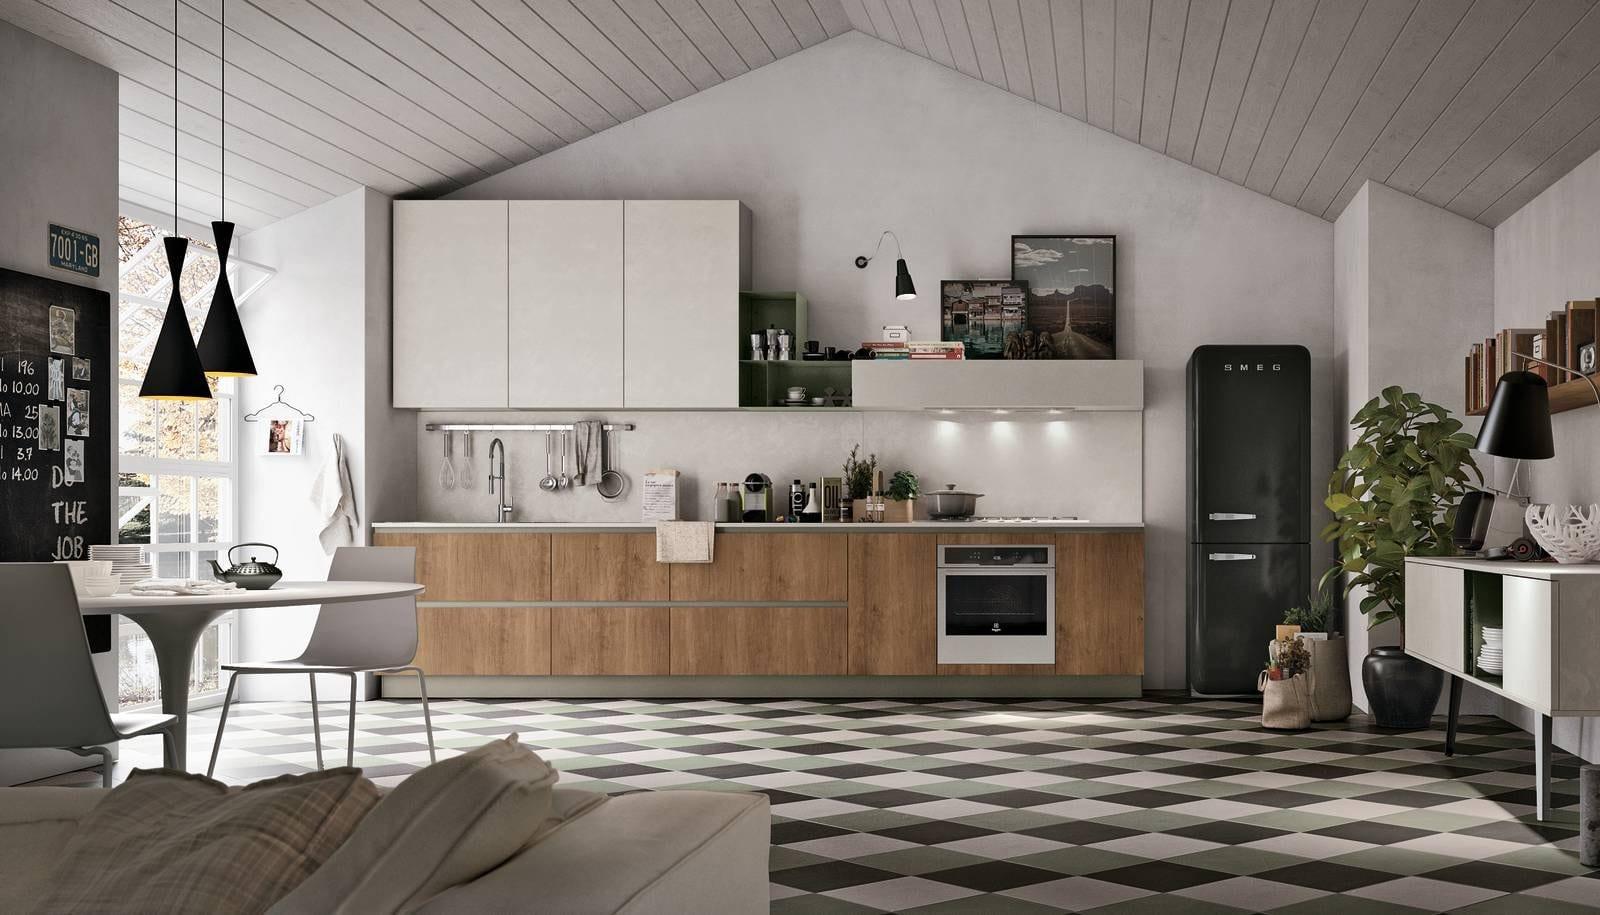 Cucine moderne 2019 diamo il benvenuto al minimalismo dal